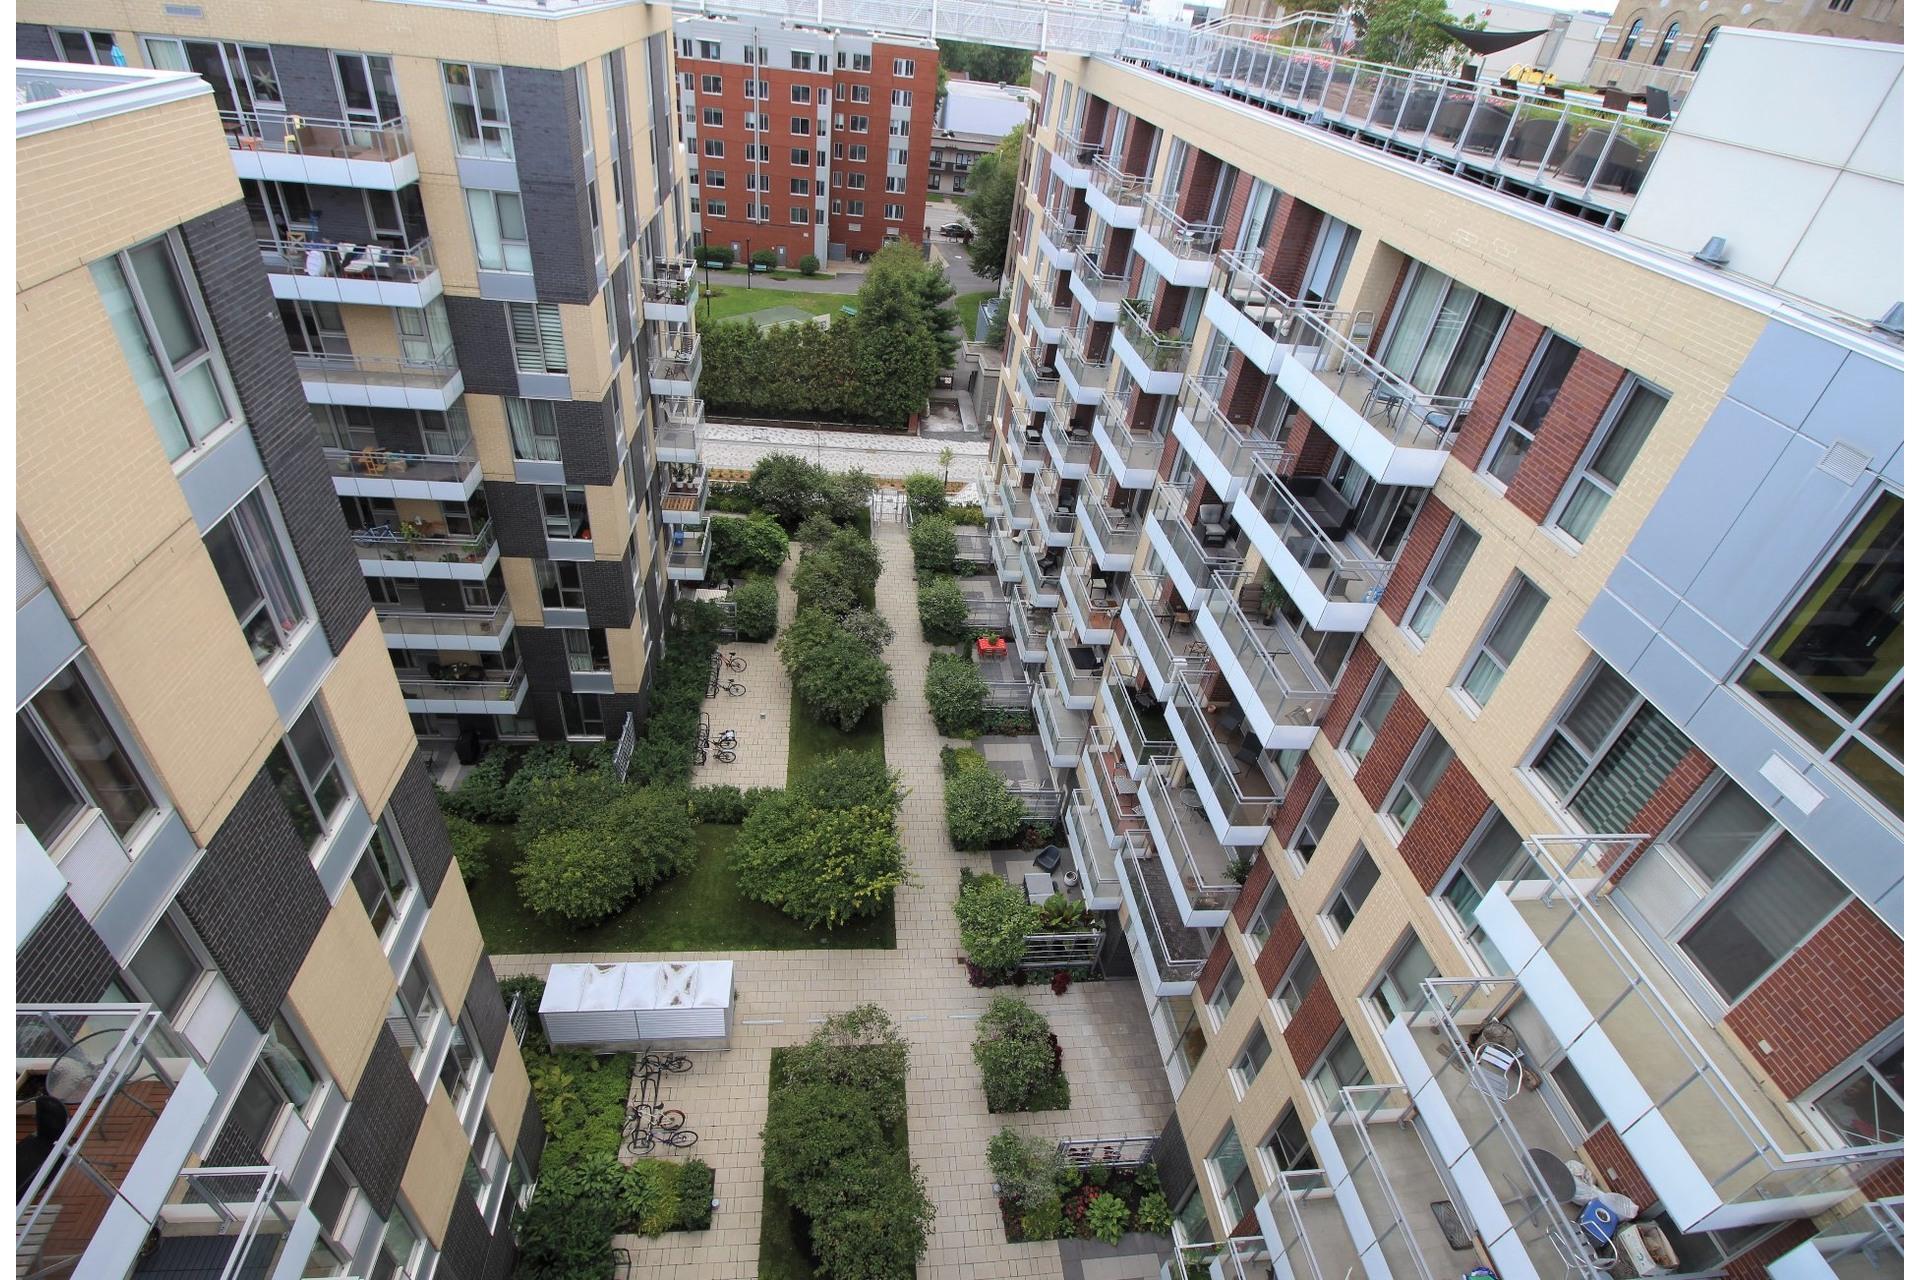 image 22 - Appartement À vendre Le Sud-Ouest Montréal  - 4 pièces